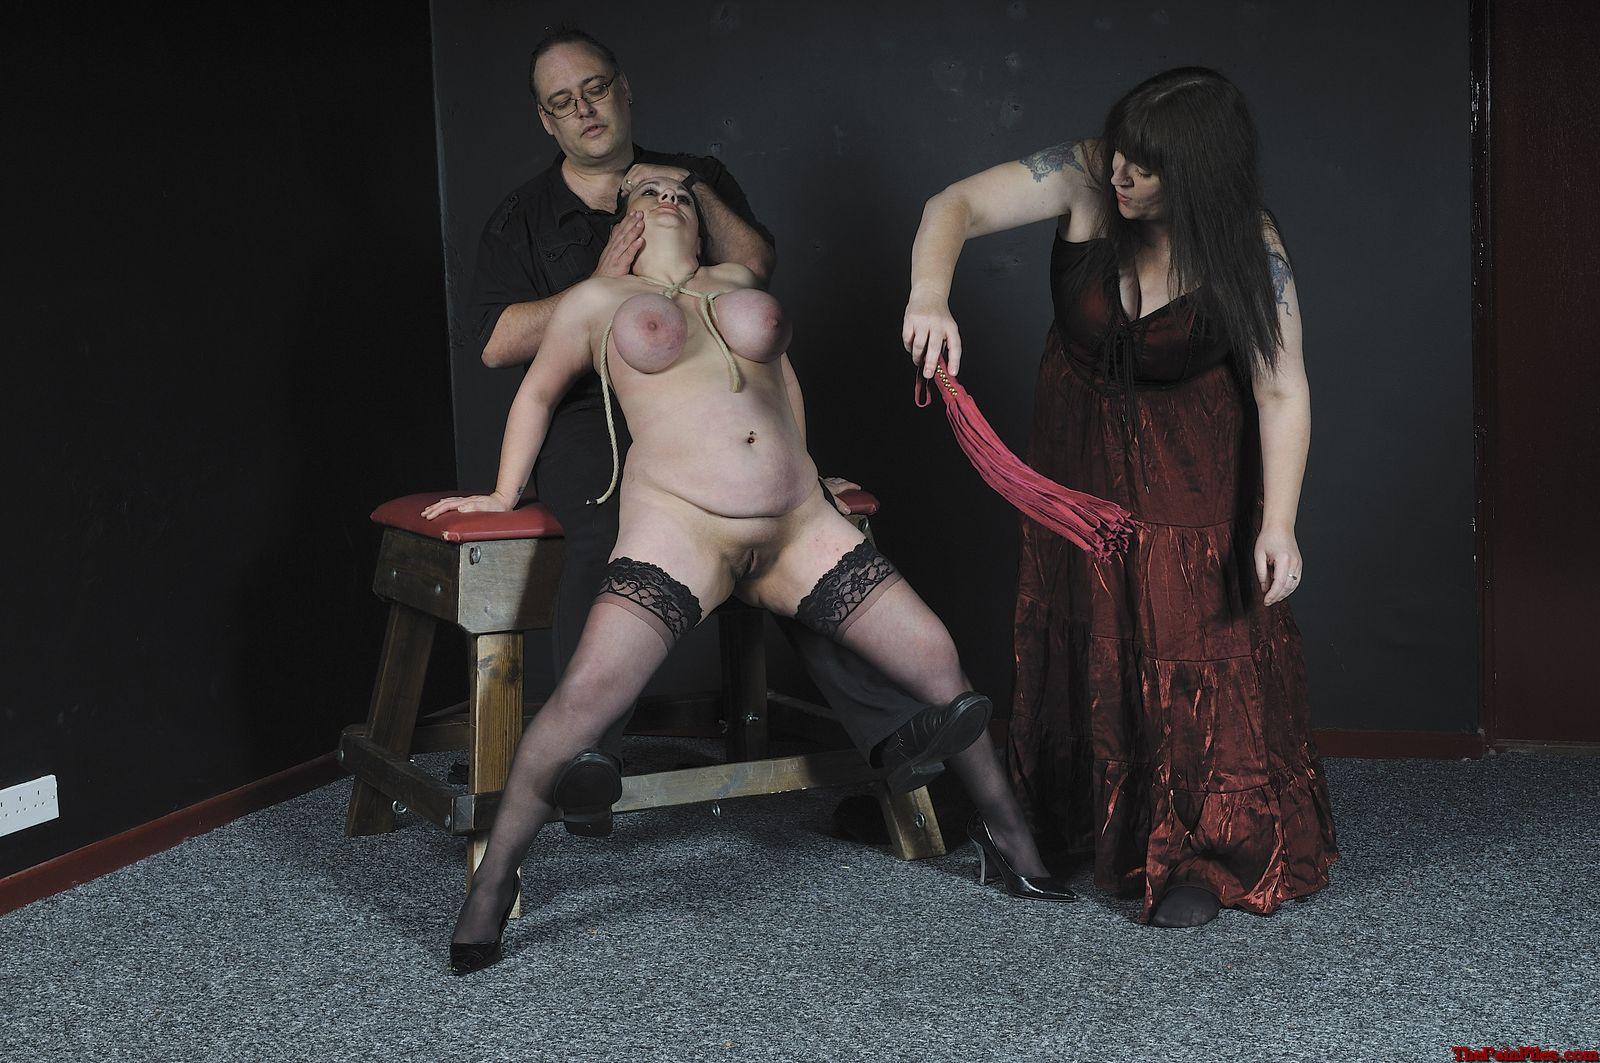 Lesbian bdsm humiliation